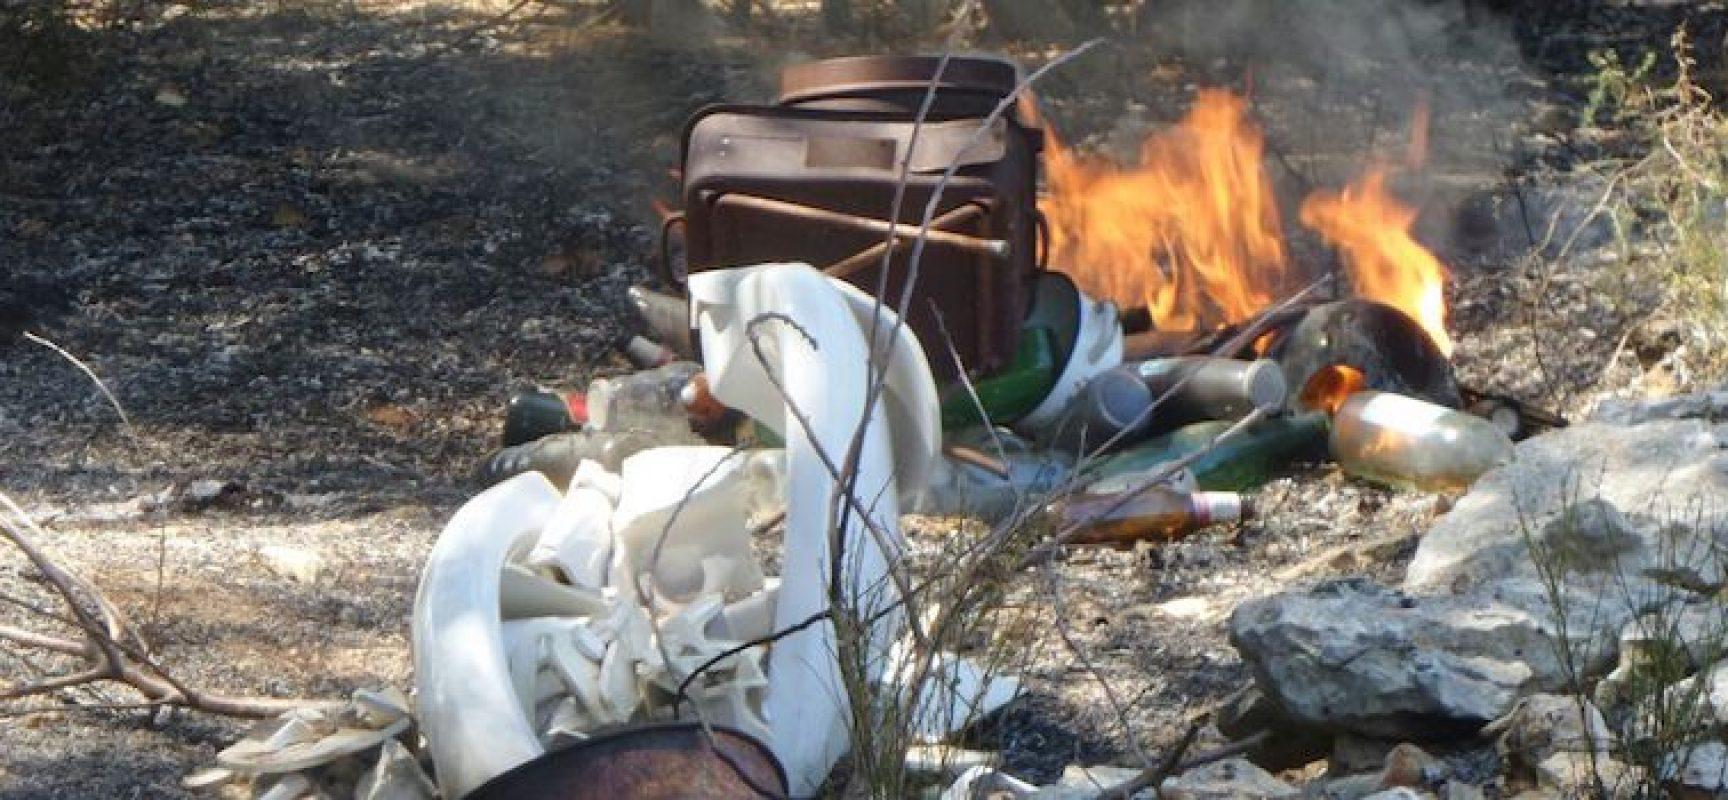 Rifiuti incendiati, Ambiente 2.0 chiede l'intervento della Procura e predispone altre foto-trappole